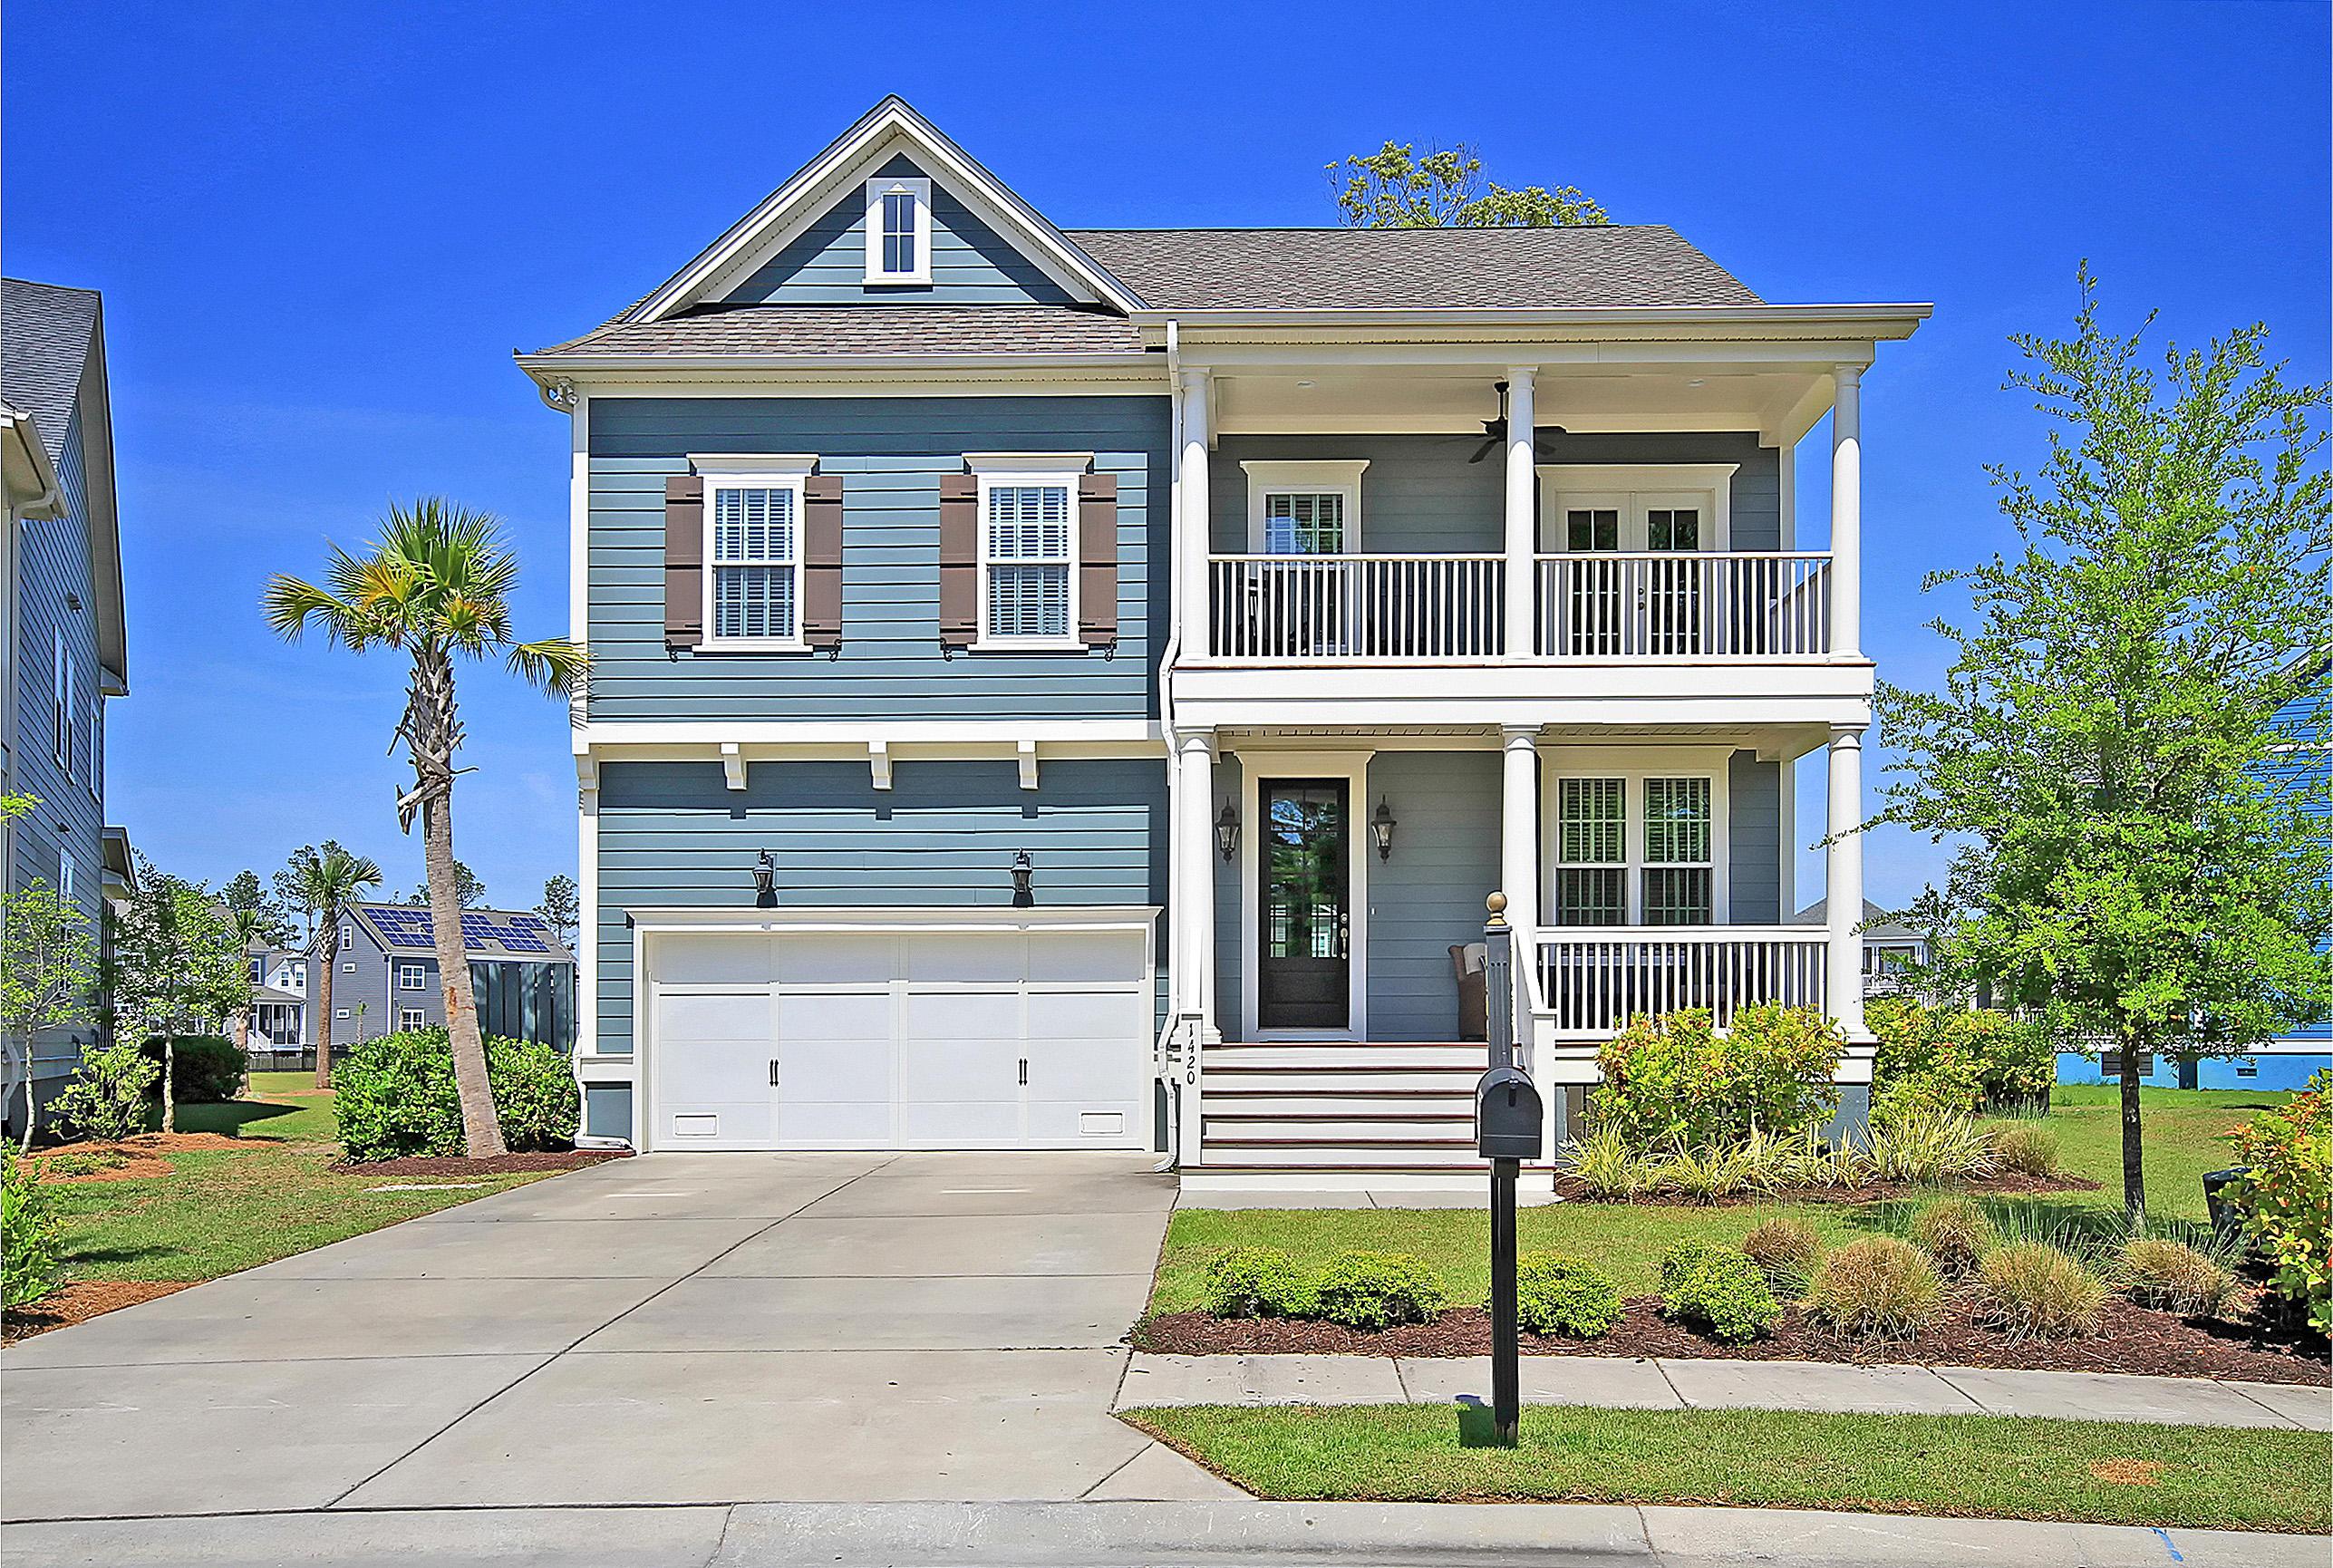 Dunes West Homes For Sale - 1420 Trip Line, Mount Pleasant, SC - 1